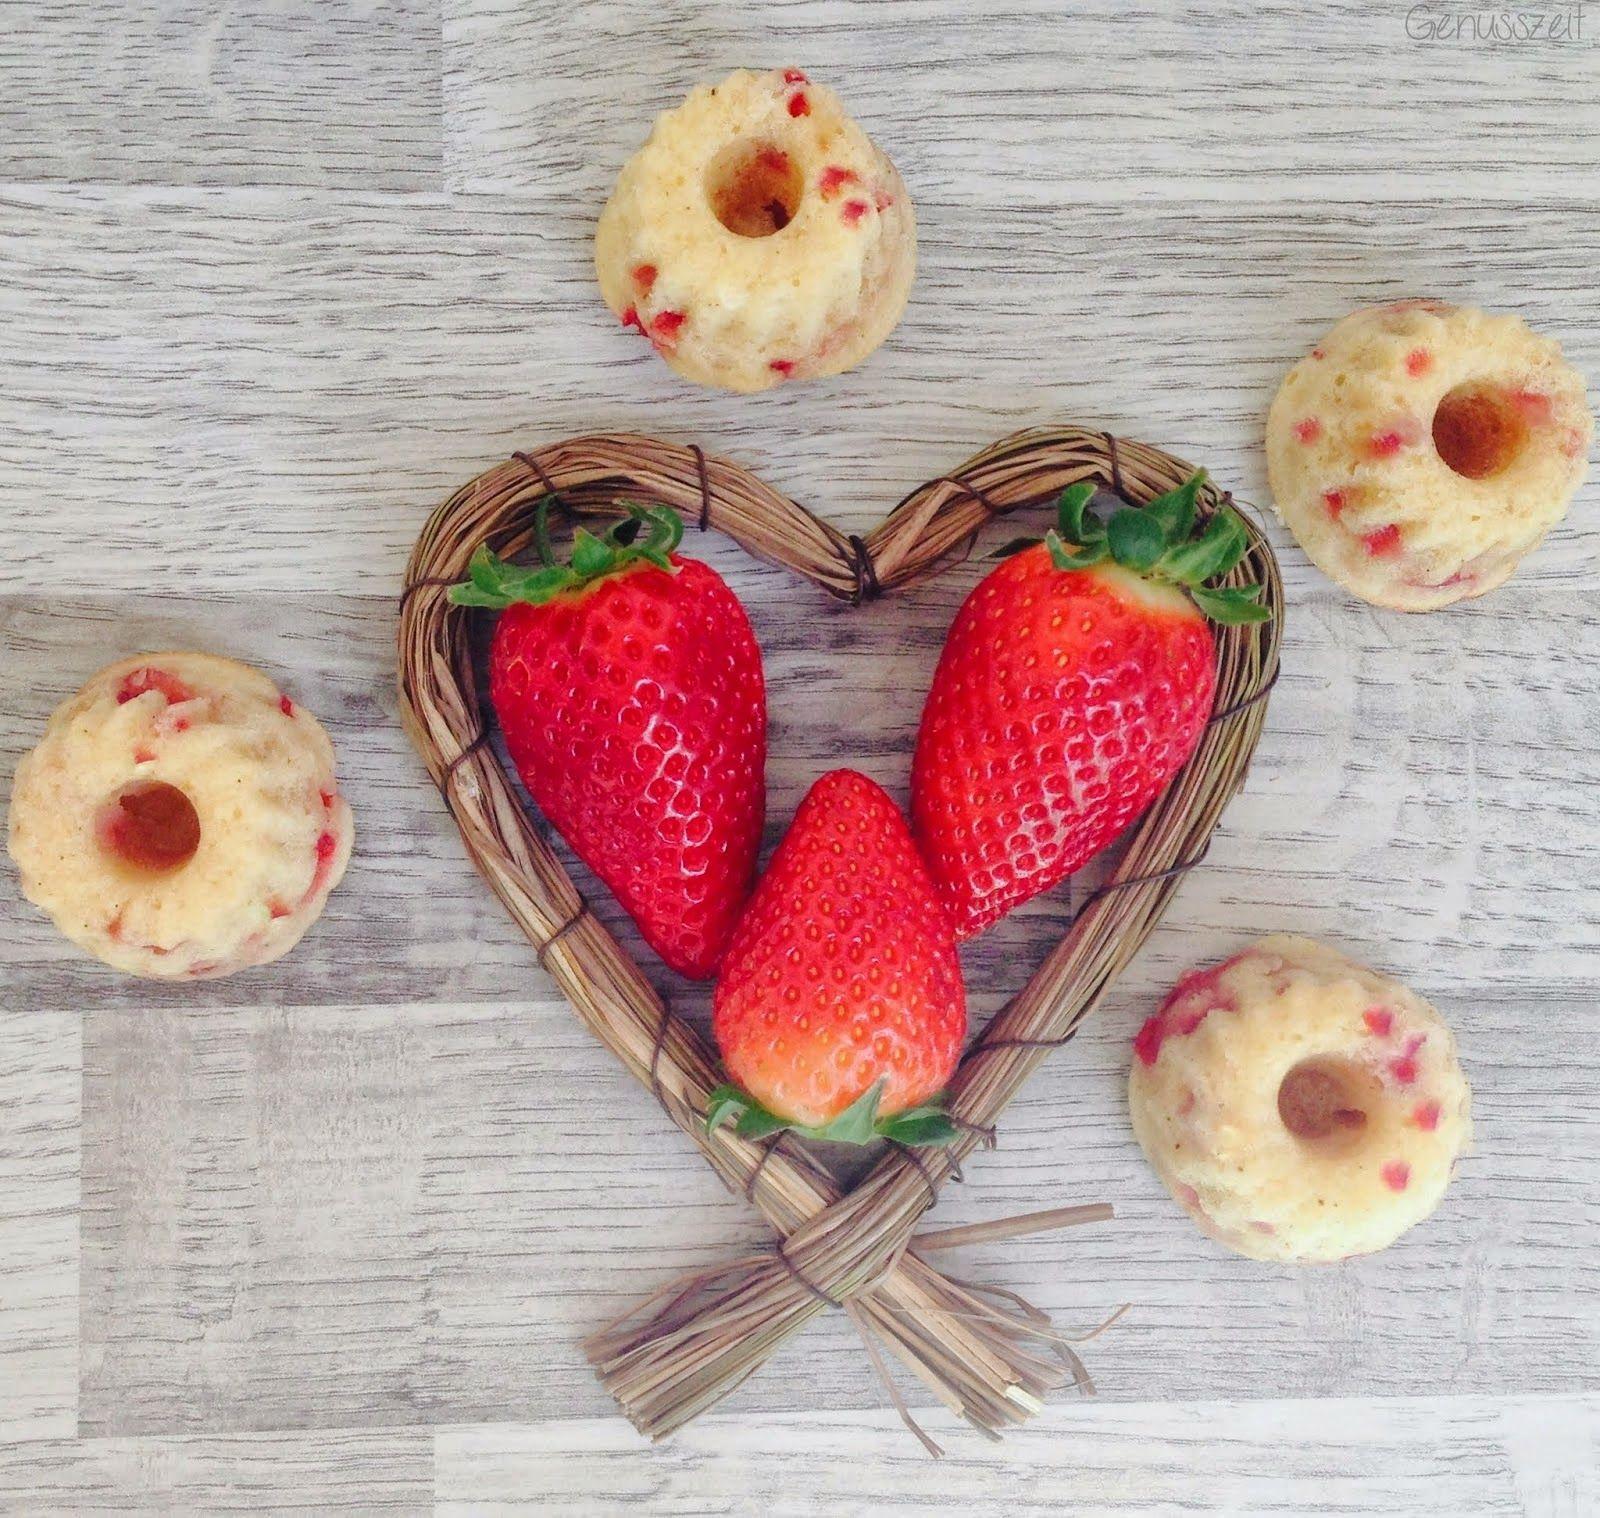 Genusszeit Kleine Frühlingsboten Erdbeer Eierlikör Gugl